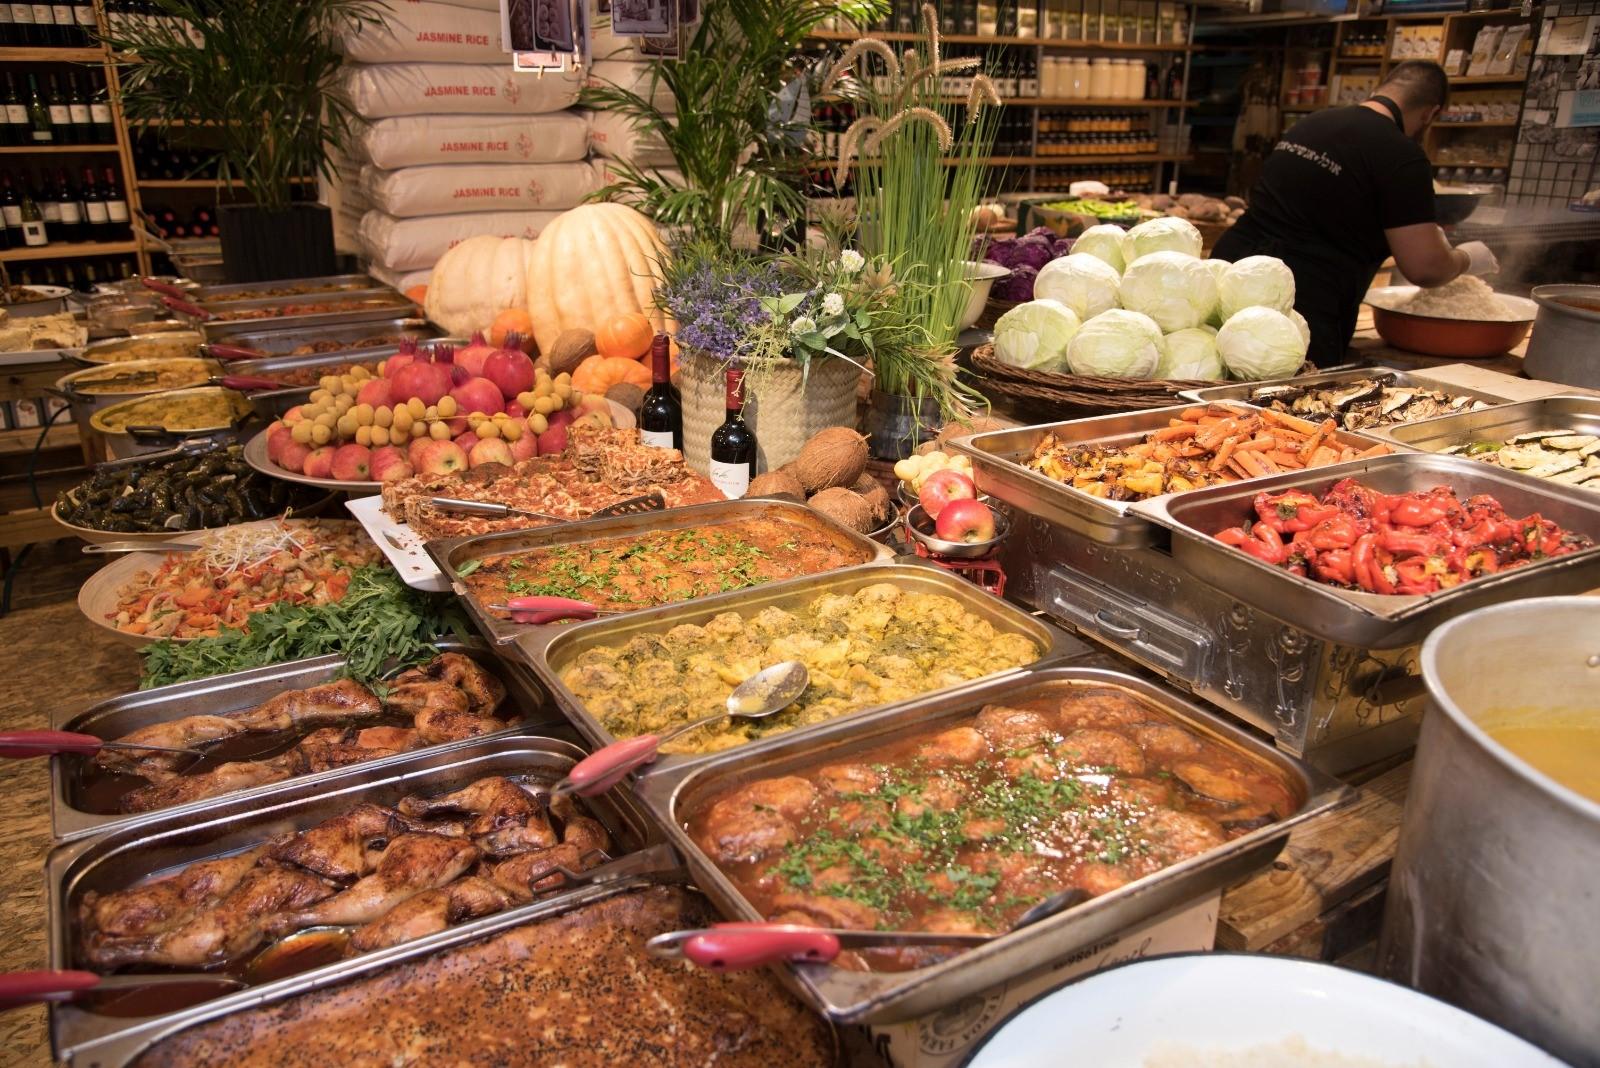 אוכל מוכן של ריחות וטעמים (צילום: רוני חמד)